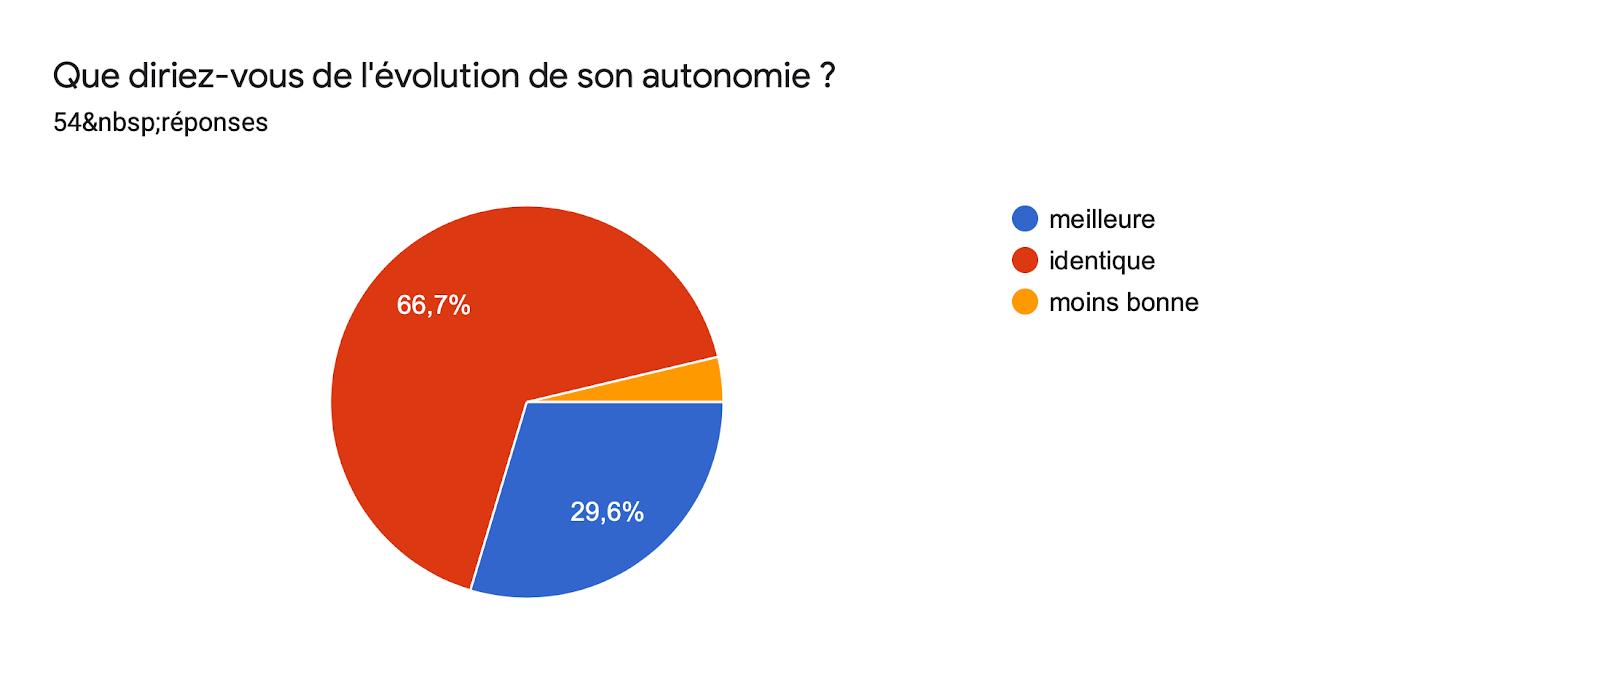 Tableau des réponses au formulaire Forms. Titre de la question: Que diriez-vous de l'évolution de son autonomie ?. Nombre de réponses: 54réponses.